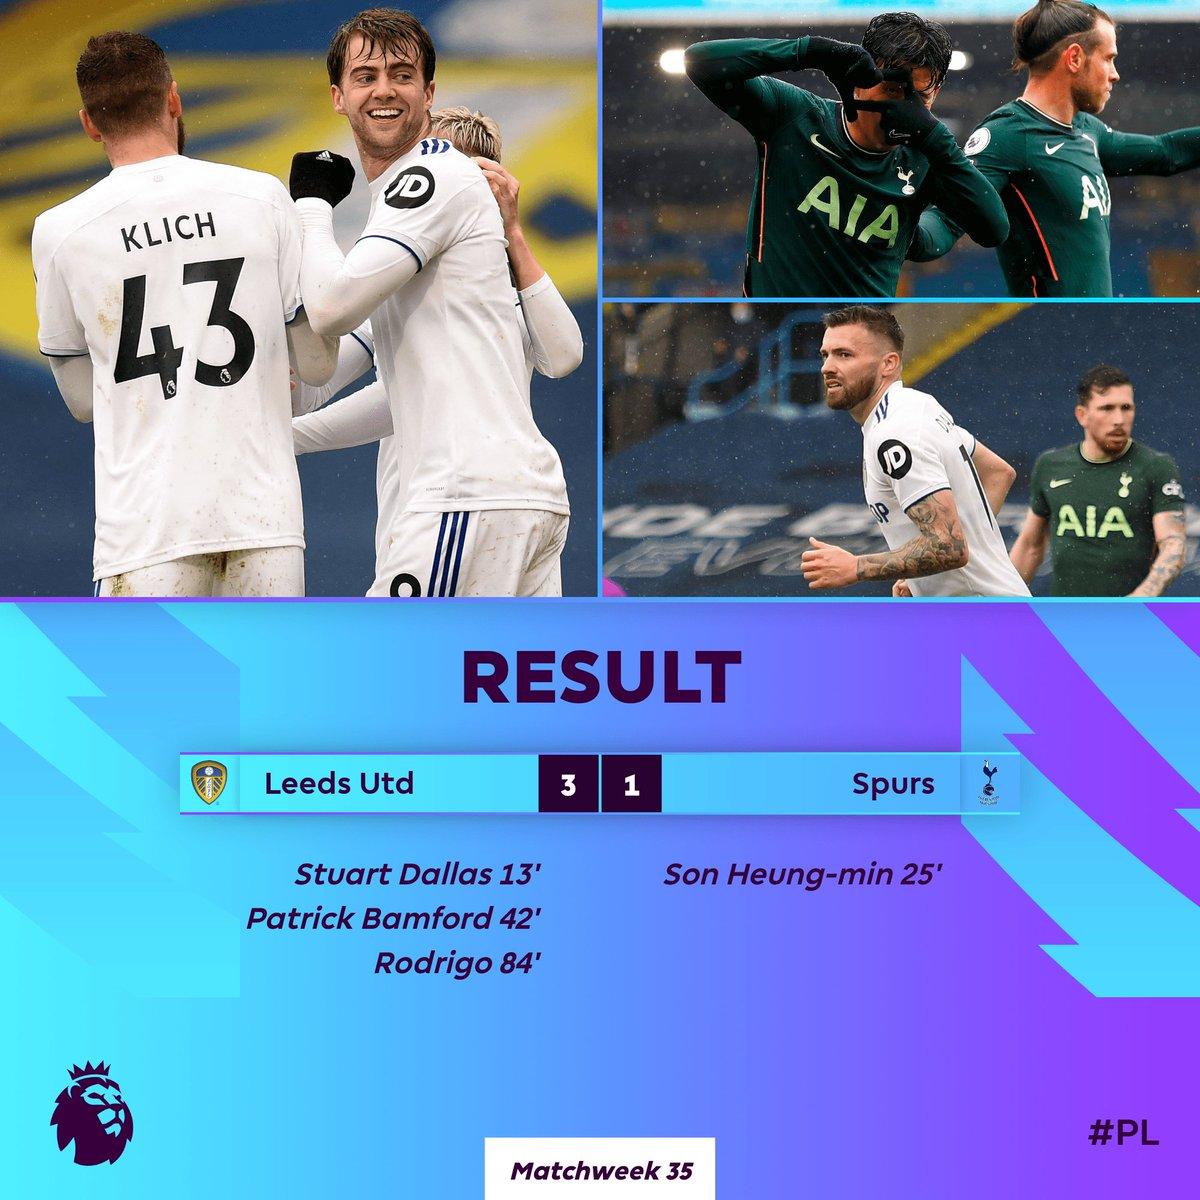 ¡Tottenham se aleja de la próxima #UCL!  👉 Leeds United derrotó a los Spurs 3-1 con tantos de Dallas, Bamford y Rodrigo.  👉 Tottenham a 5 puntos de puestos de Champions League con 9 puntos por disputar...  #premierleague https://t.co/iVZEoFIr6N